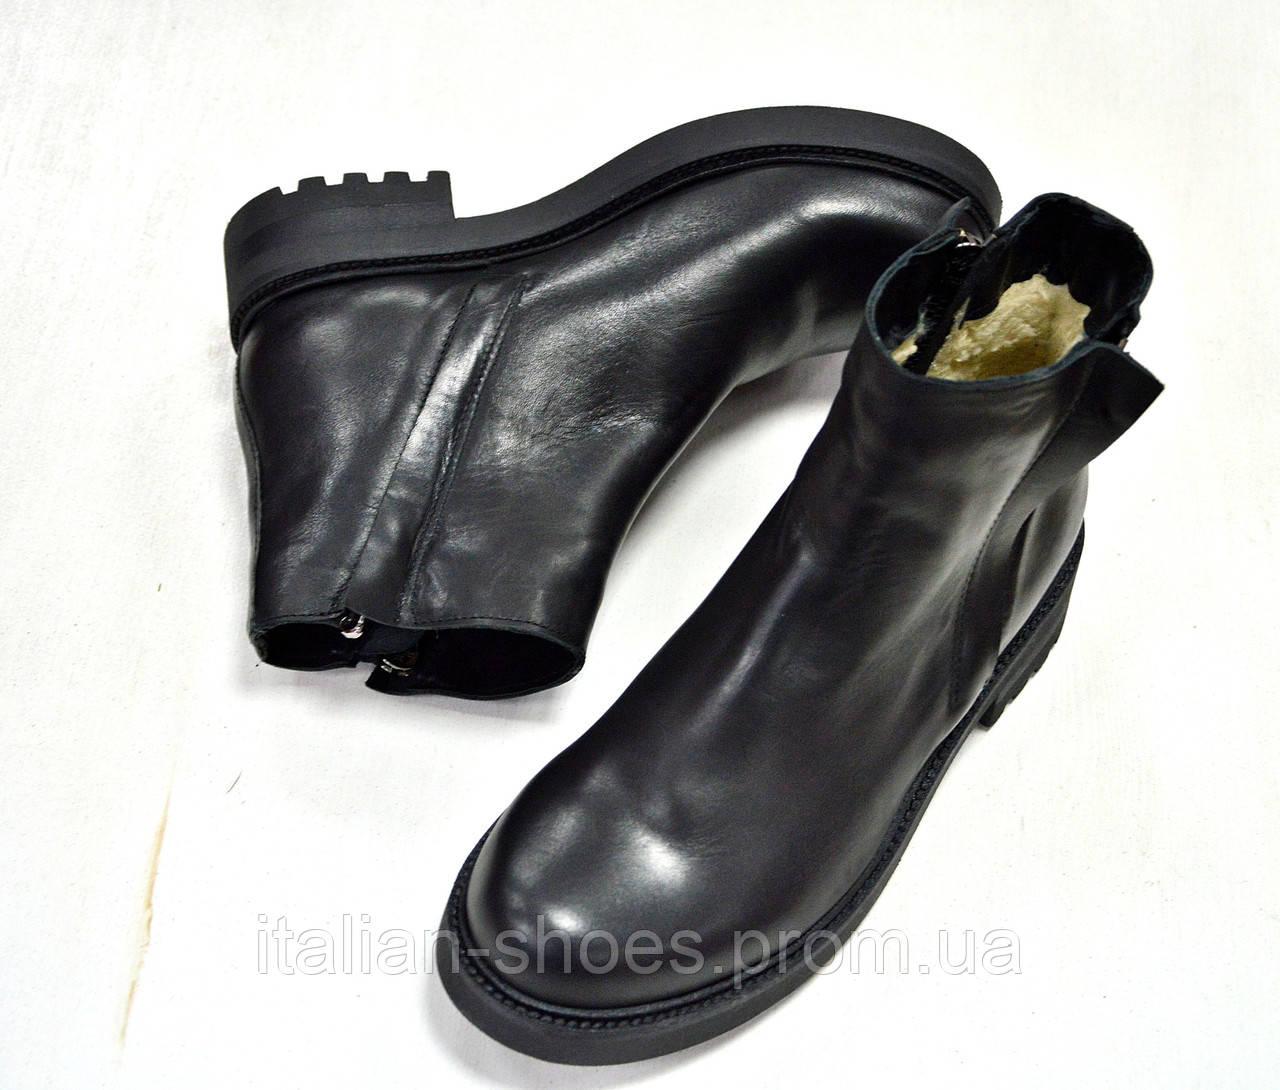 Зимние кожаные ботинки к-751